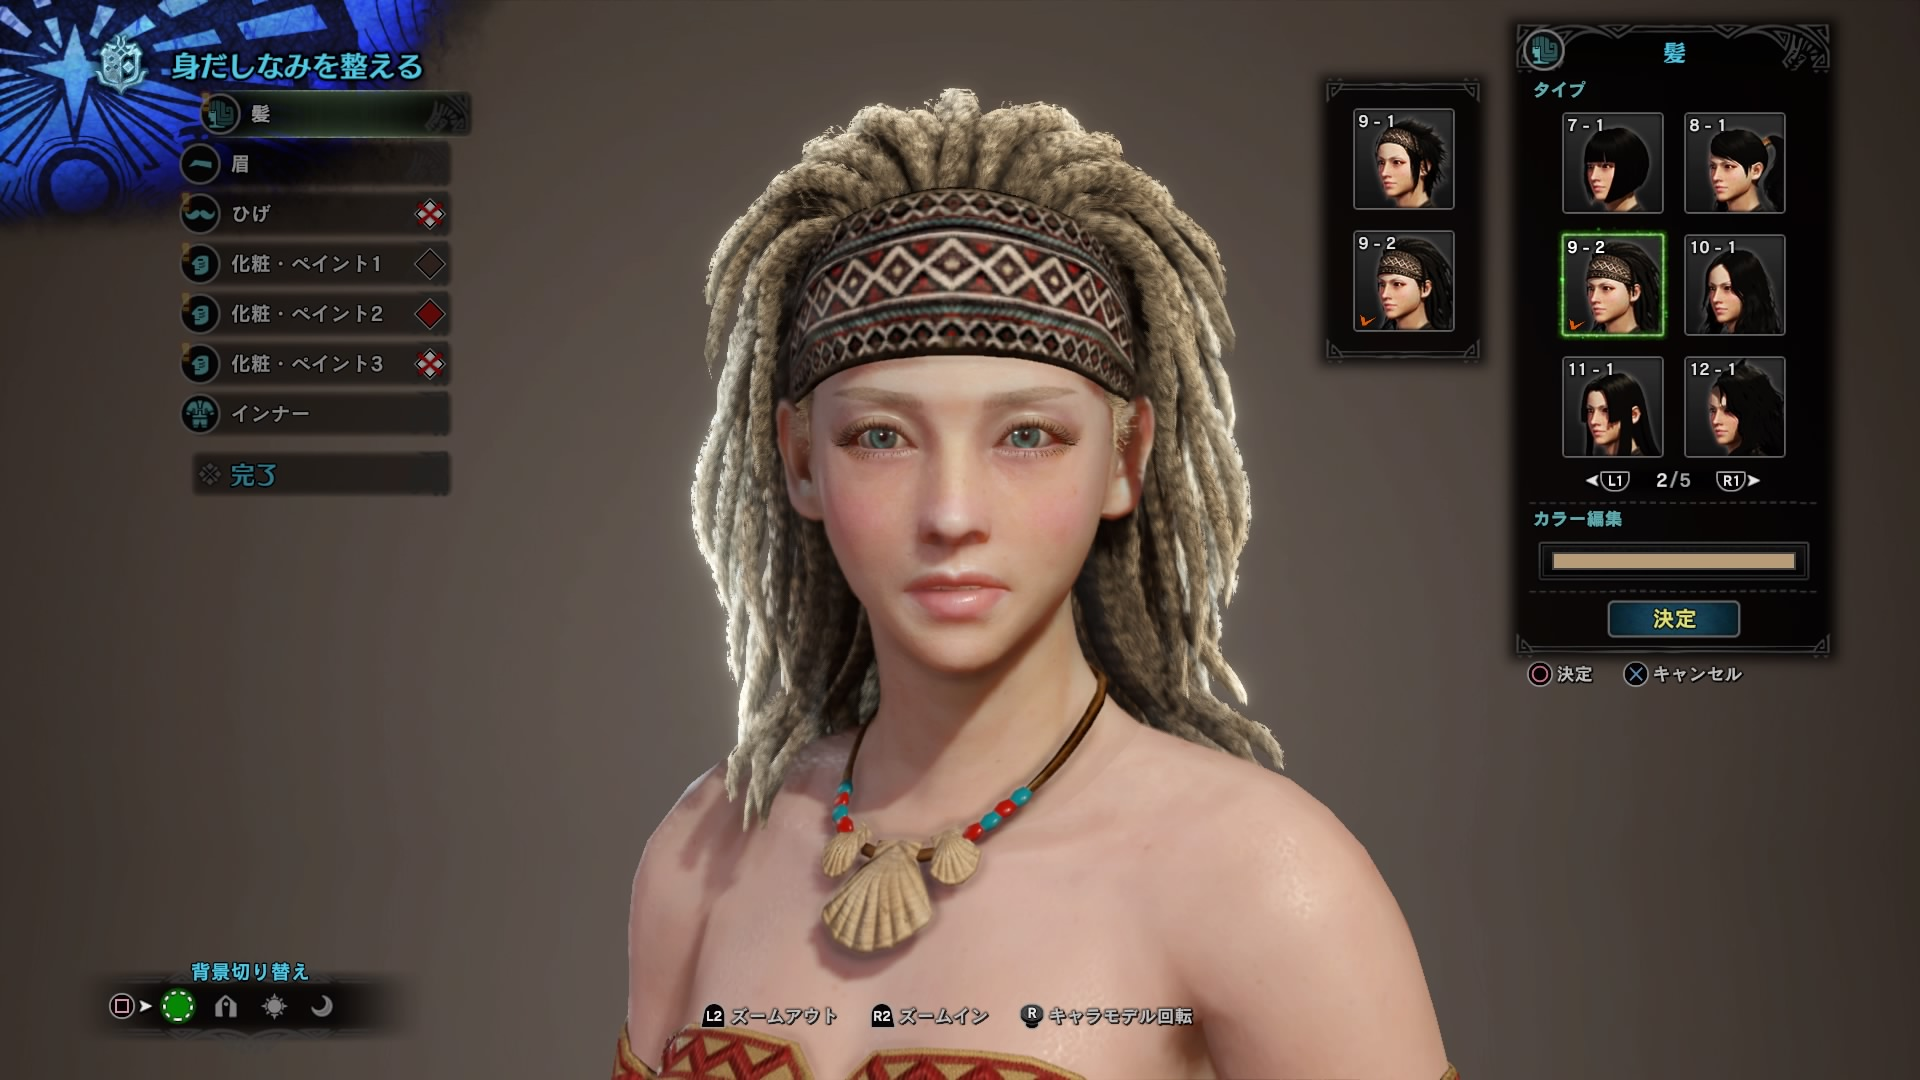 モンスターハンターワールド:アイスボーン髪型 ドレッドヘアー